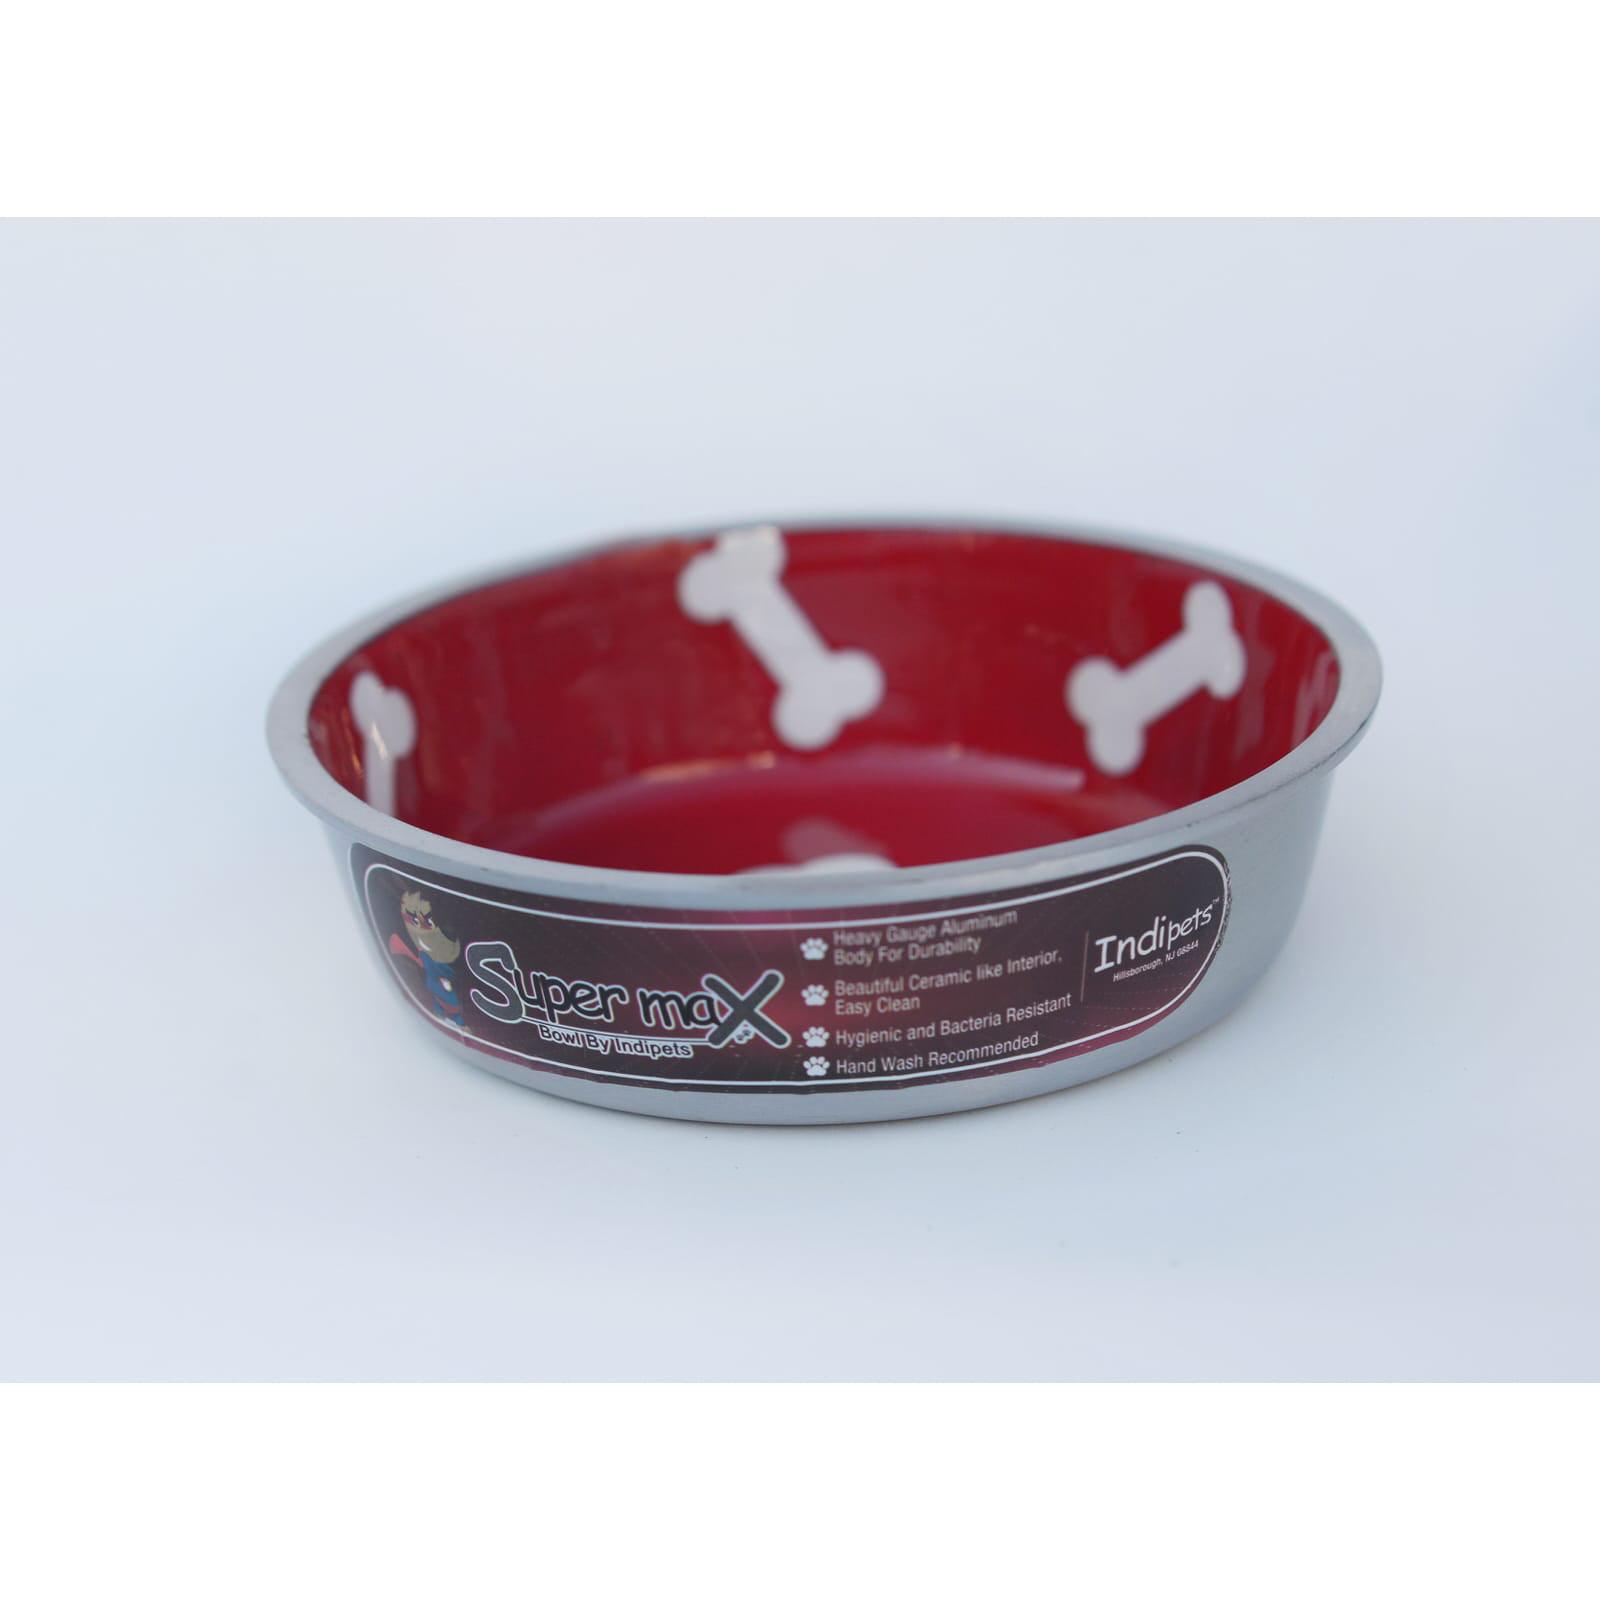 SM Indipets Super Max Aluminum Cat/ Dog Bowls (Set of 2)